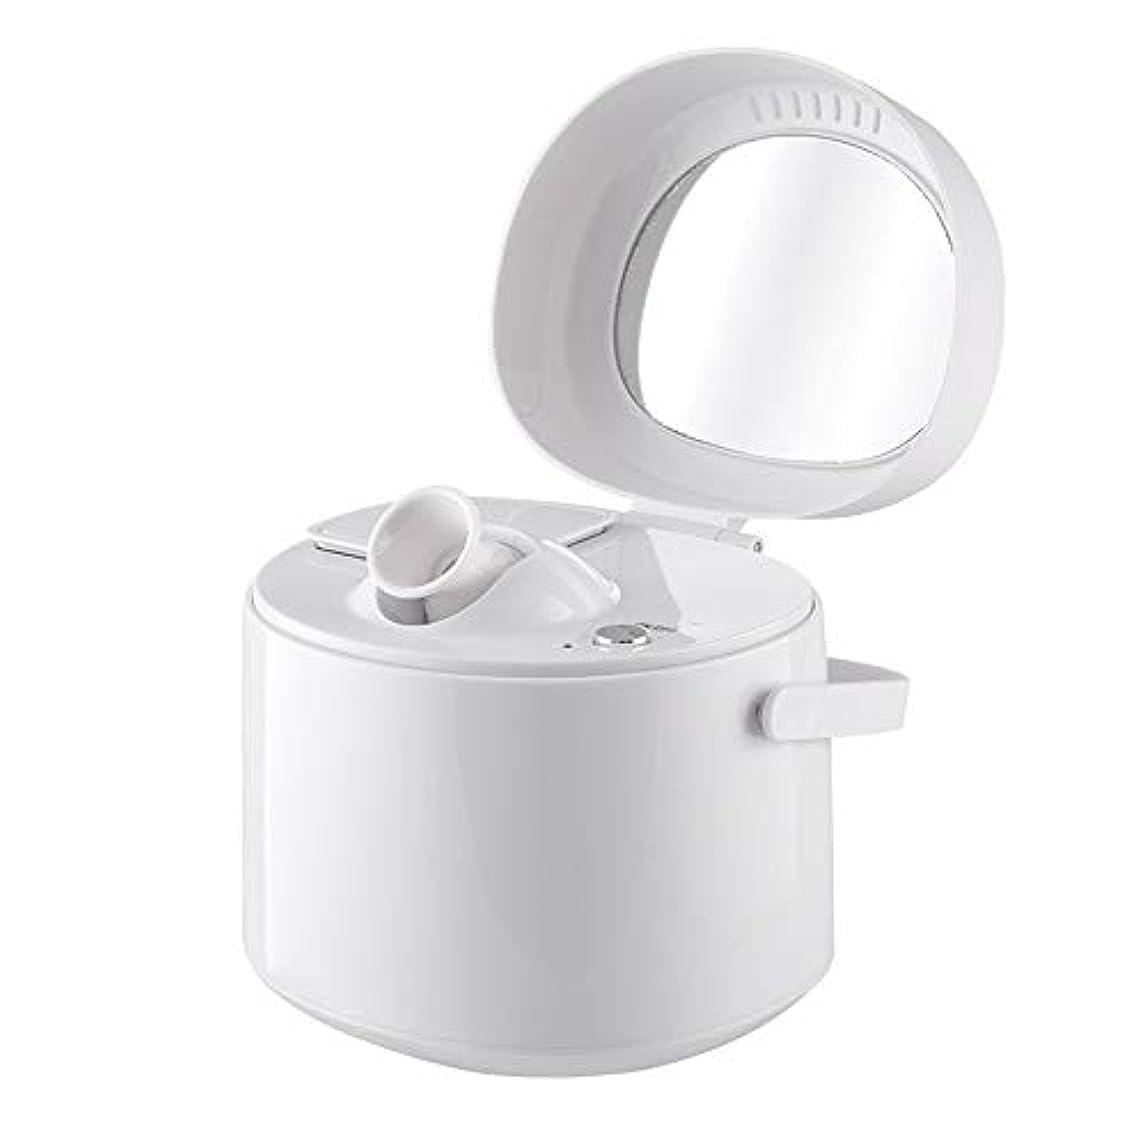 超高層ビル意識的ストライドZXF ホットスプレースチームフェイス美容器具ホームナノイオン保湿スプレー美容器具美容ミラーホワイト 滑らかである